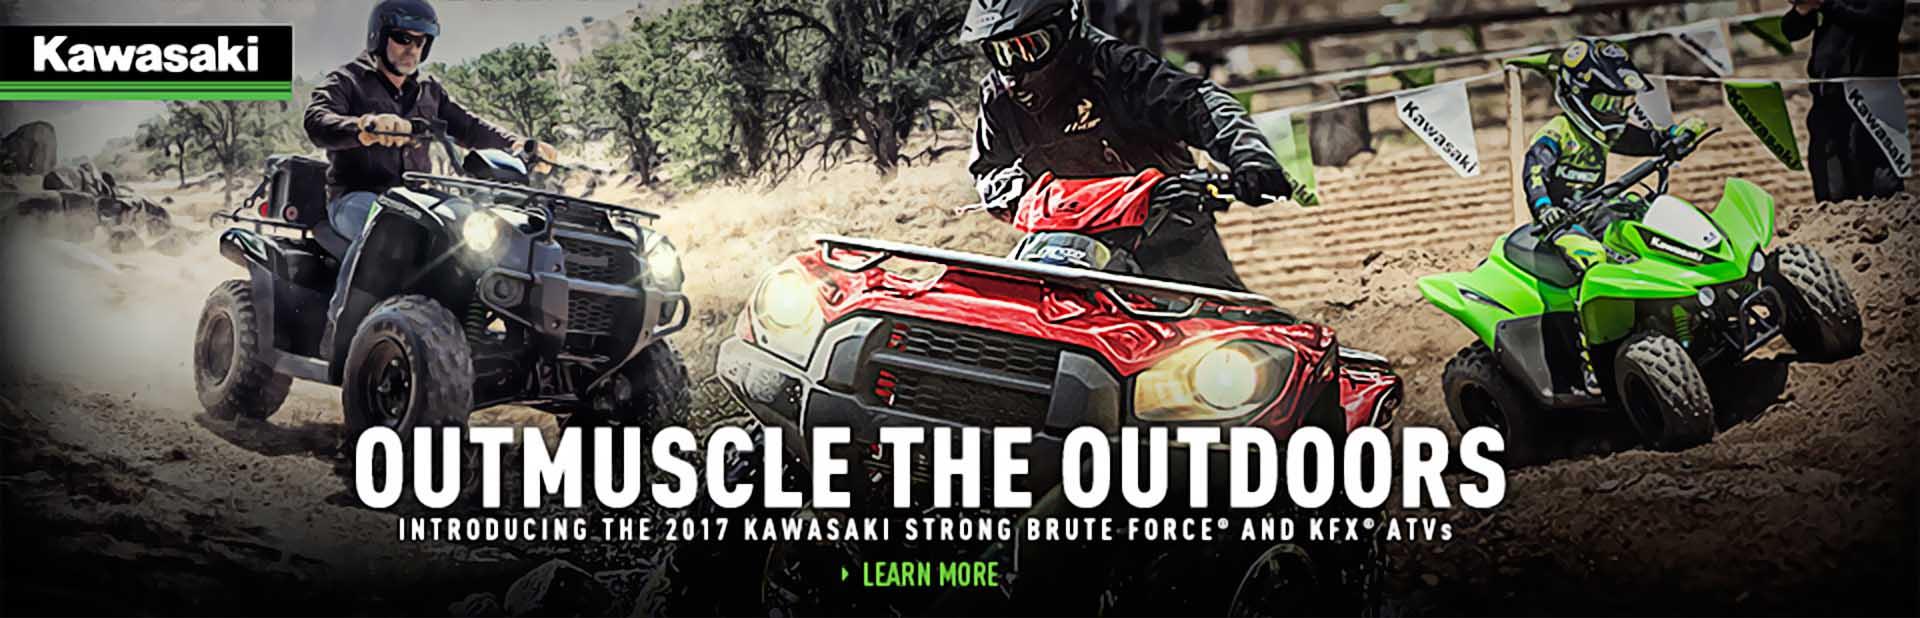 2017 Kawasaki Brute Force and KFX ATVs